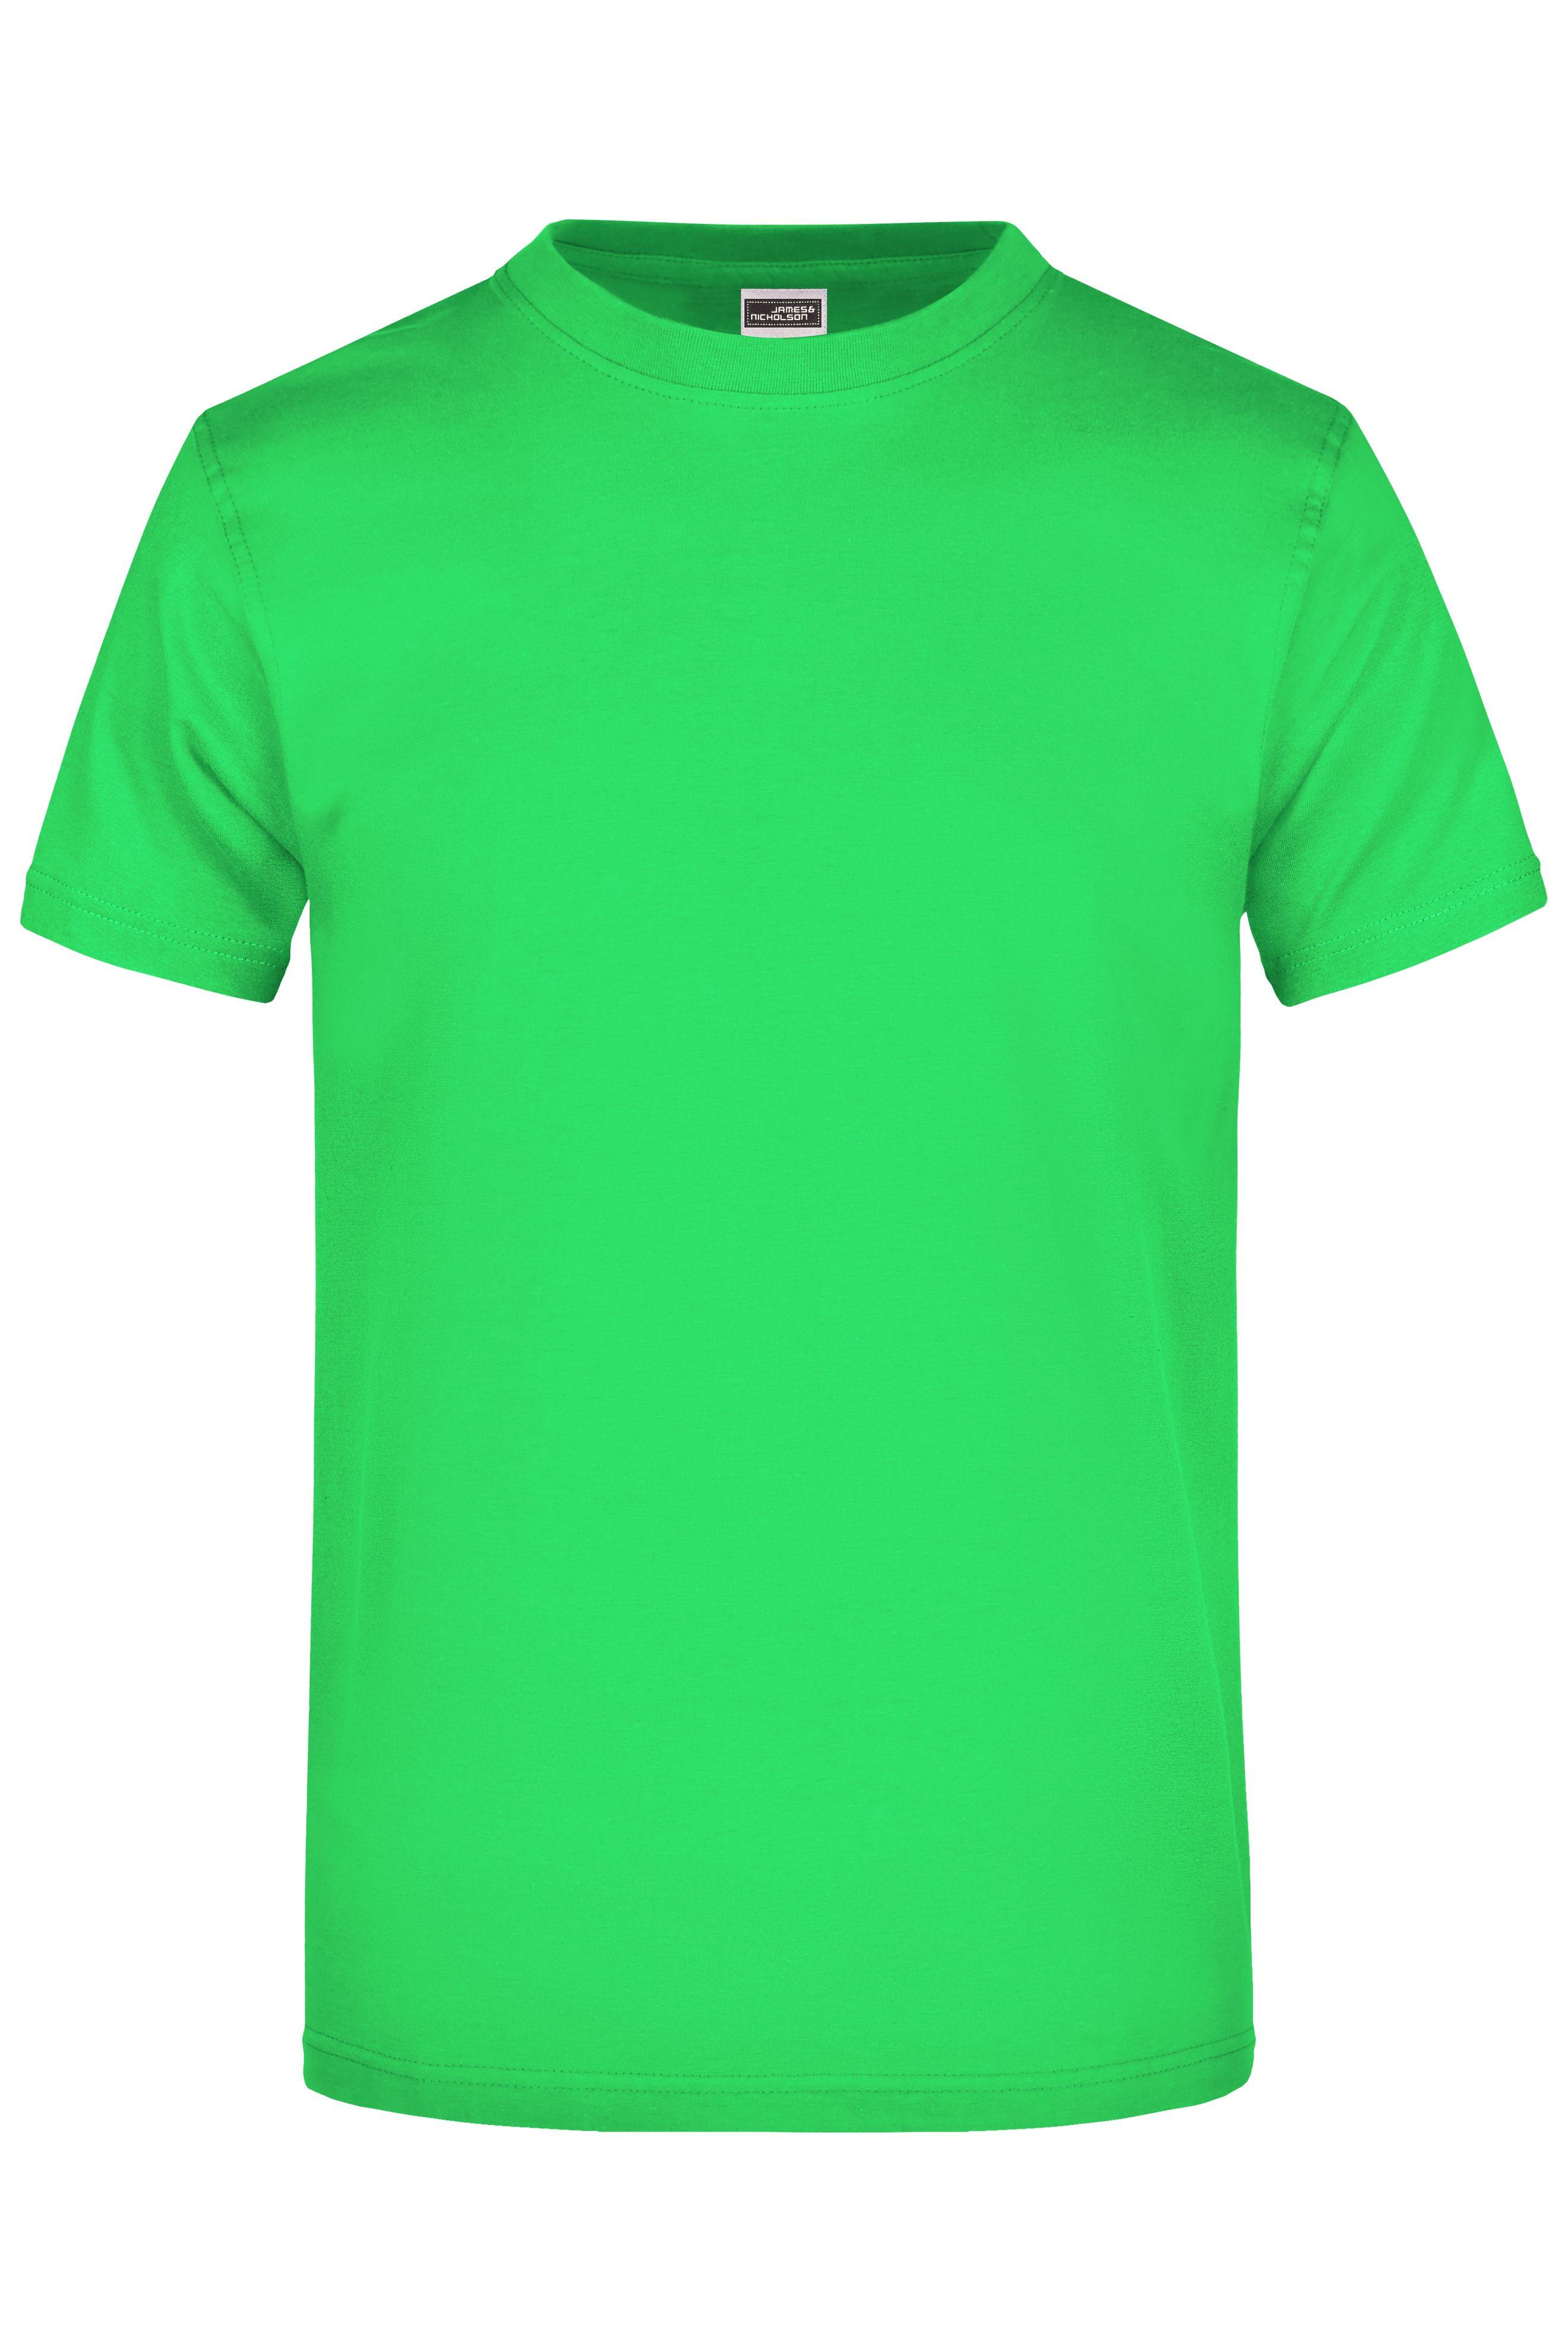 T-Shirt als bedrucktes Werbegeschenk